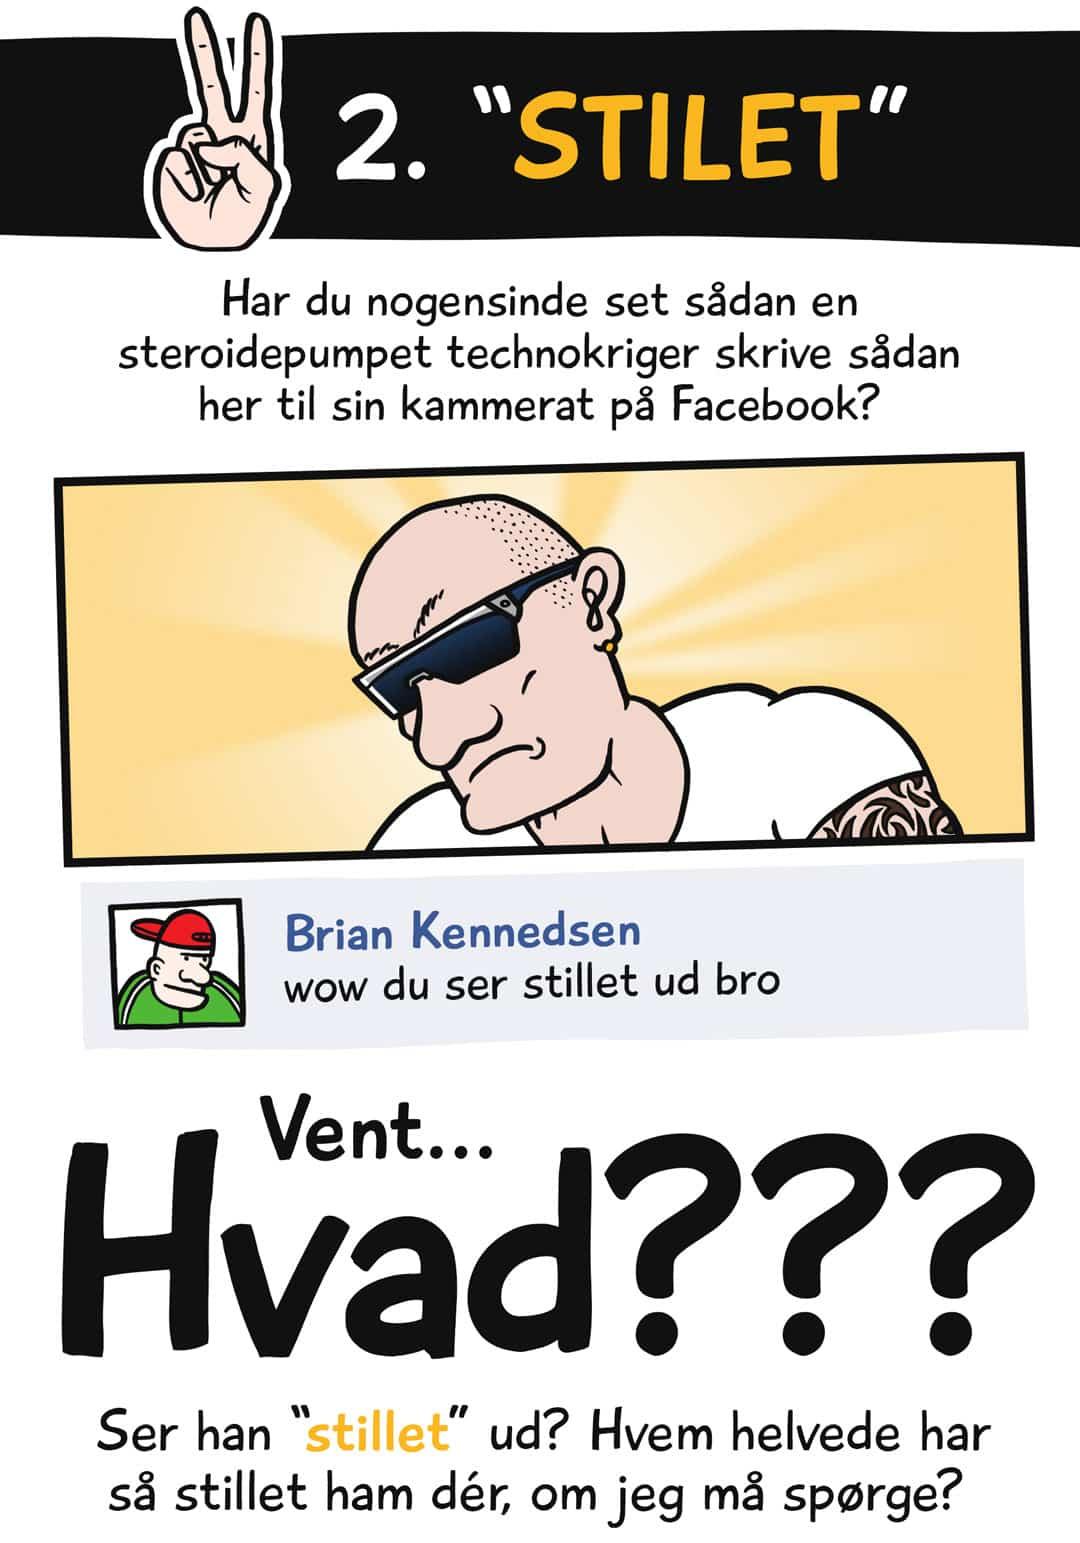 """2. """"Stilet"""". Har du nogensinde set sådan en steroidepumpet technokriger skrive sådan her til sin kammerat på Facebook? Brian Kennedsen: wow du ser stillet ud bro. Vent... hvad??? Ser han """"stillet"""" ud? Hvem helvede har så stillet ham dér, om jeg må spørge?"""